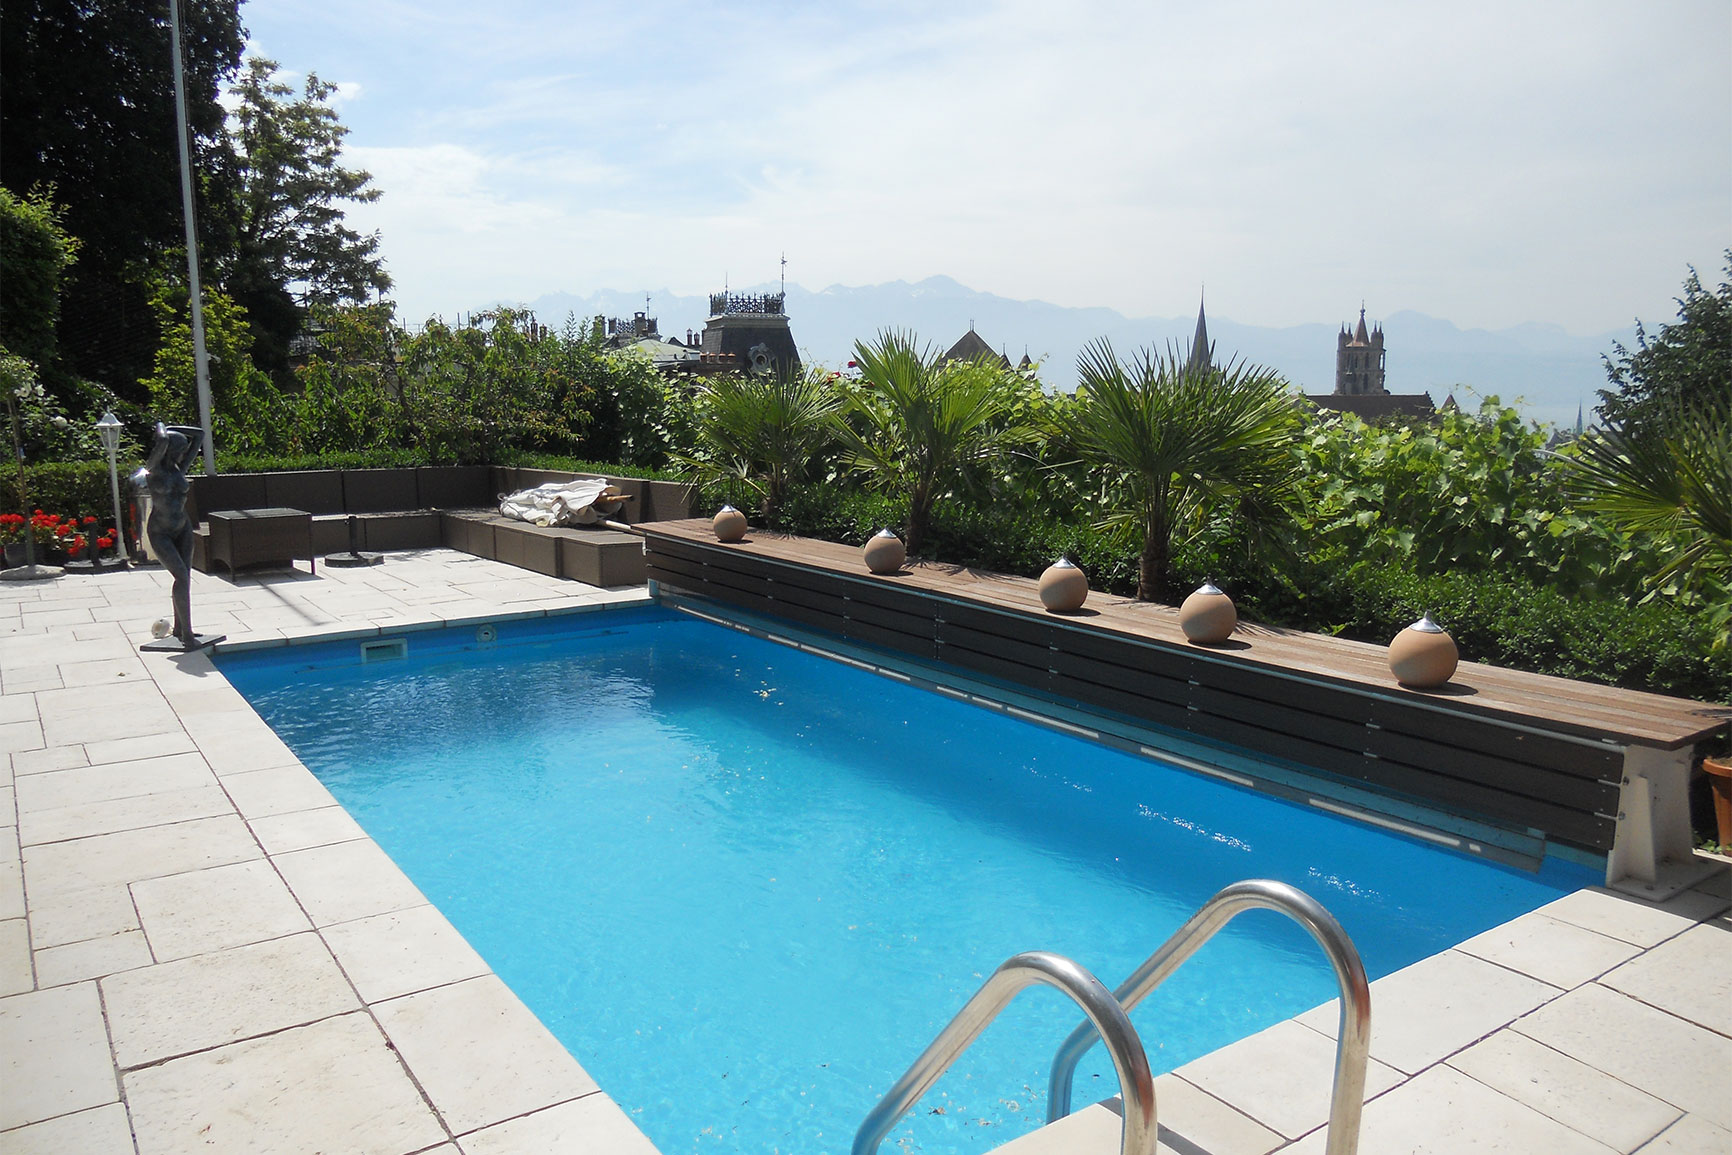 Classique liner piscines widmer for Installation liner piscine